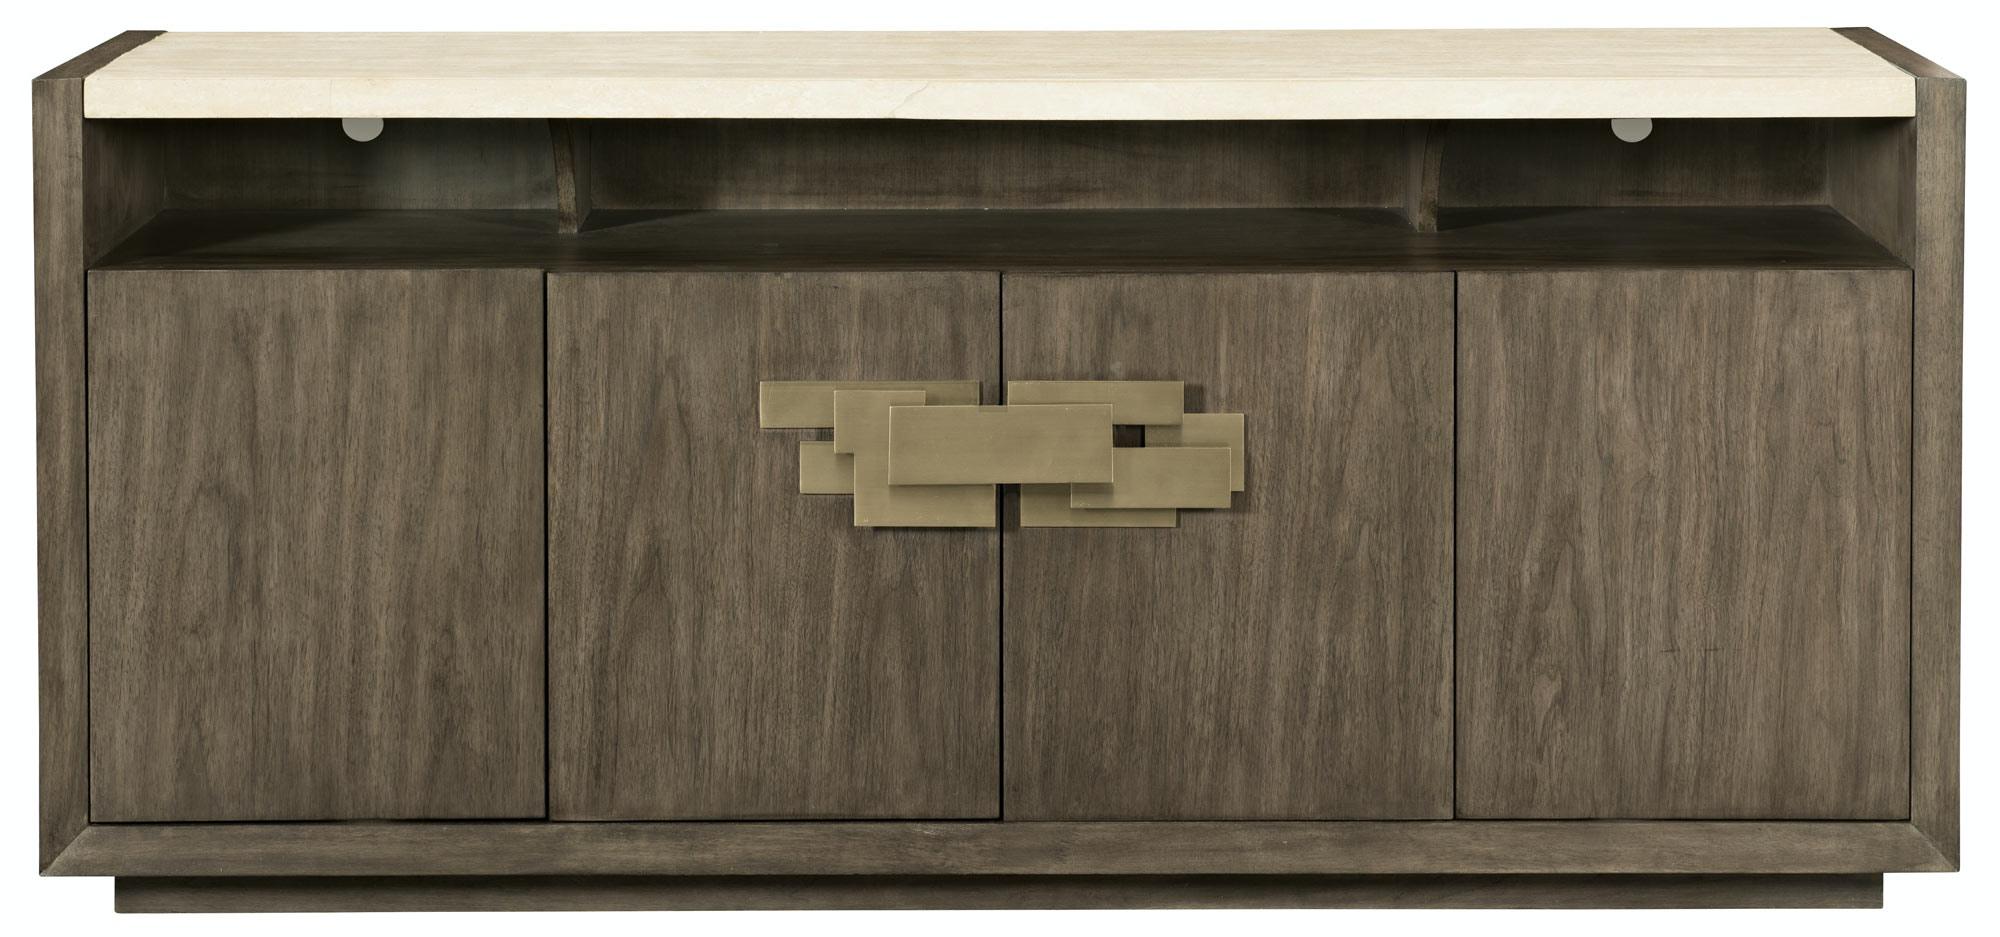 bernhardt furniture. Bernhardt Furniture Profile Buffet 378-132